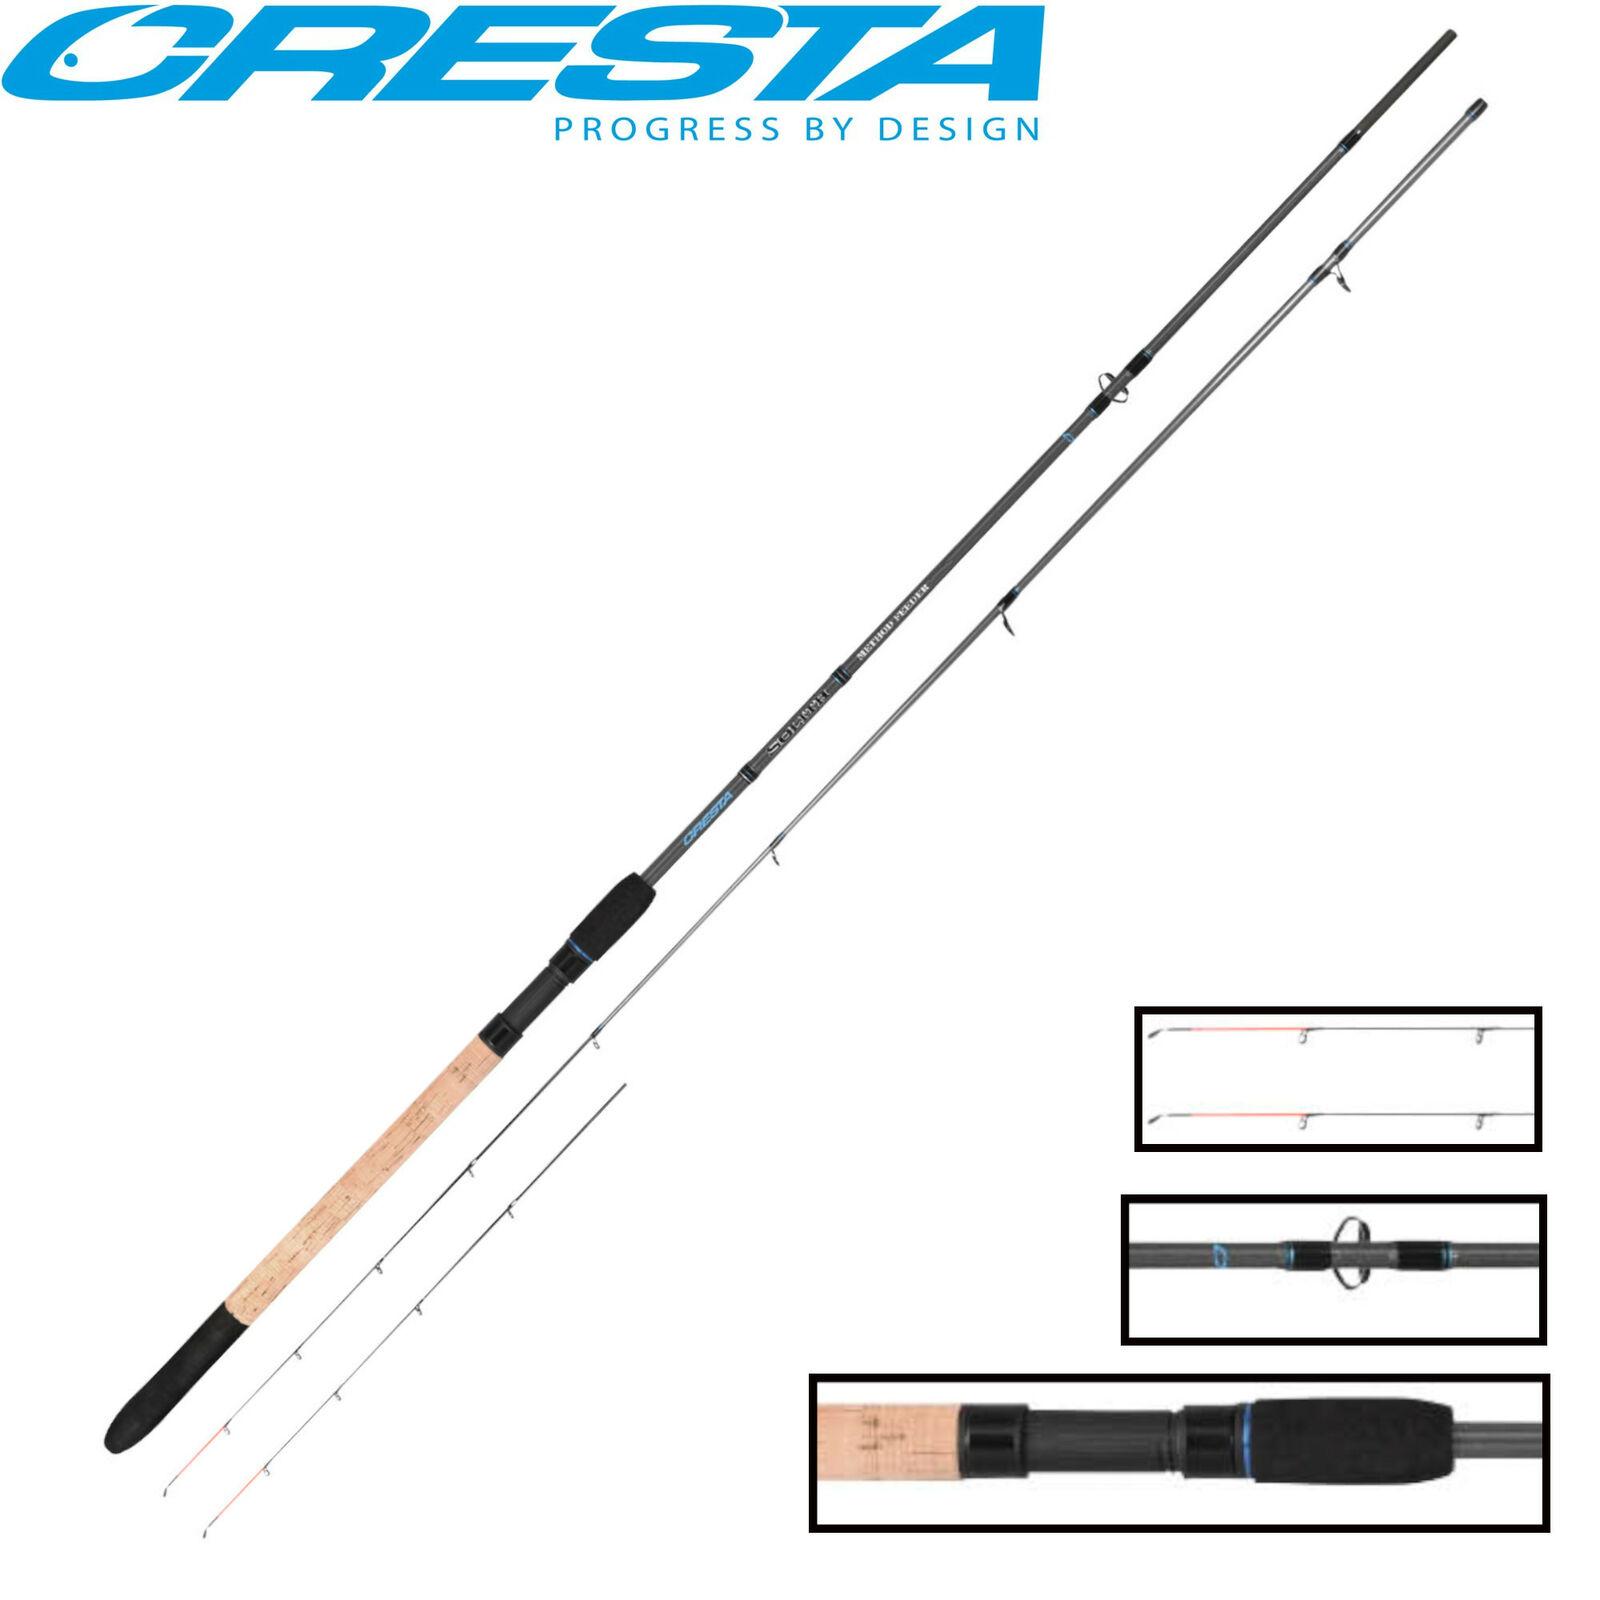 Cresta Solith Method Feeder 3m 60g Feederrute zum Futterkorbangeln Karpfenrute